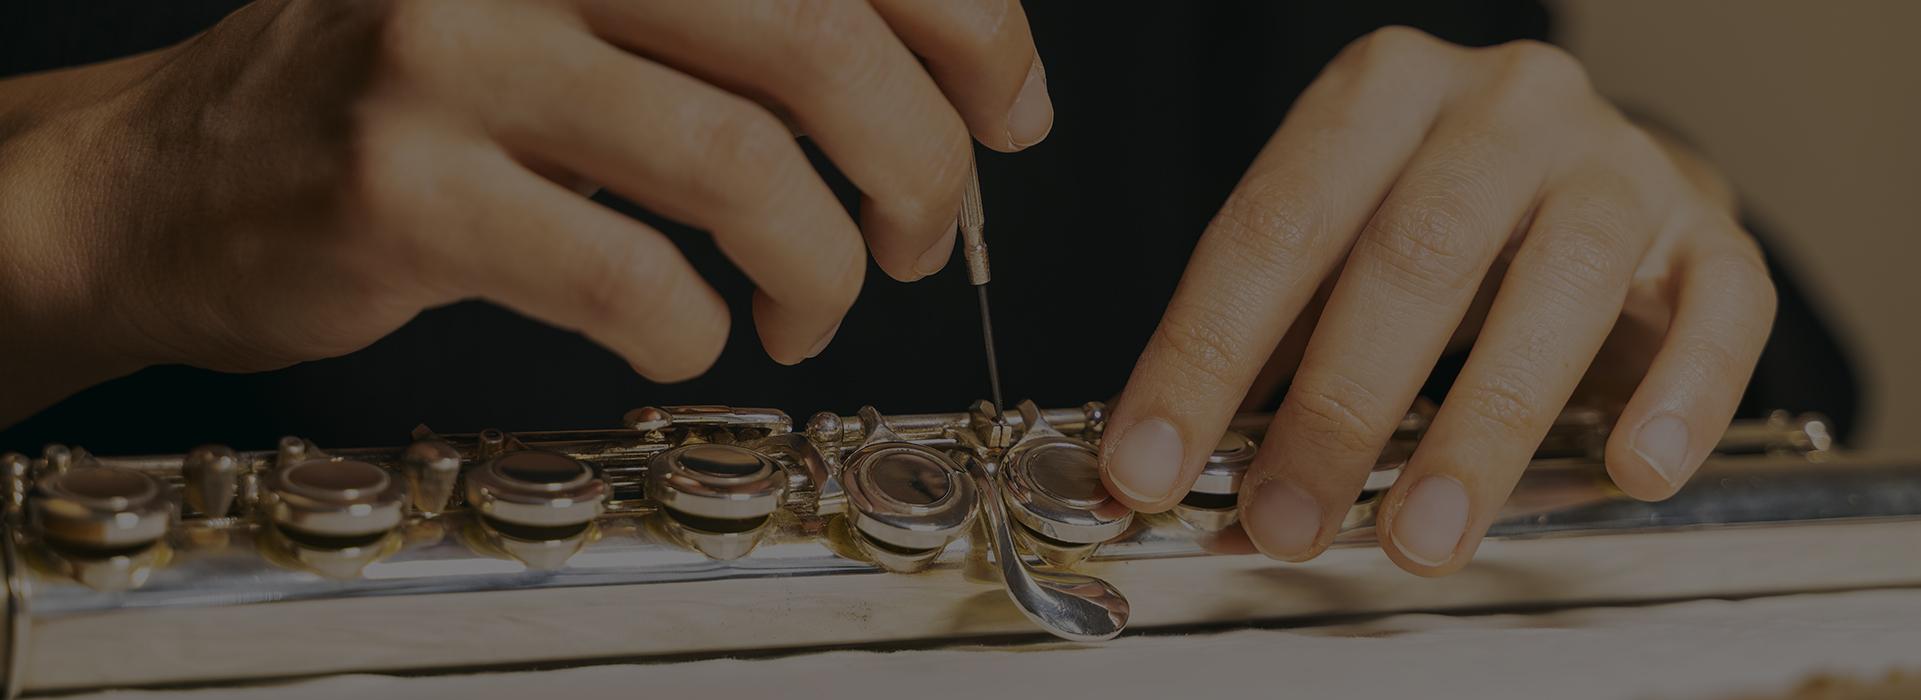 Курс по регулировке и уходу за инструментом